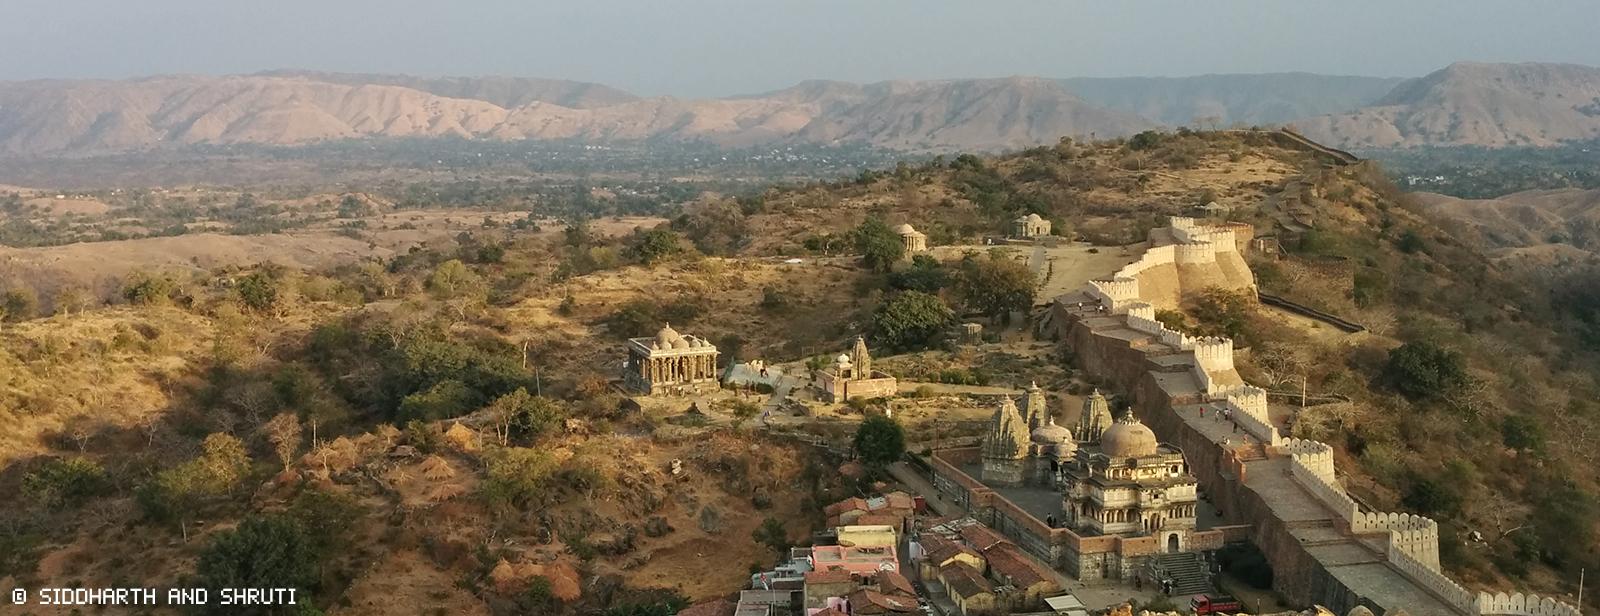 siddharthandshruti_kumbhalgarh